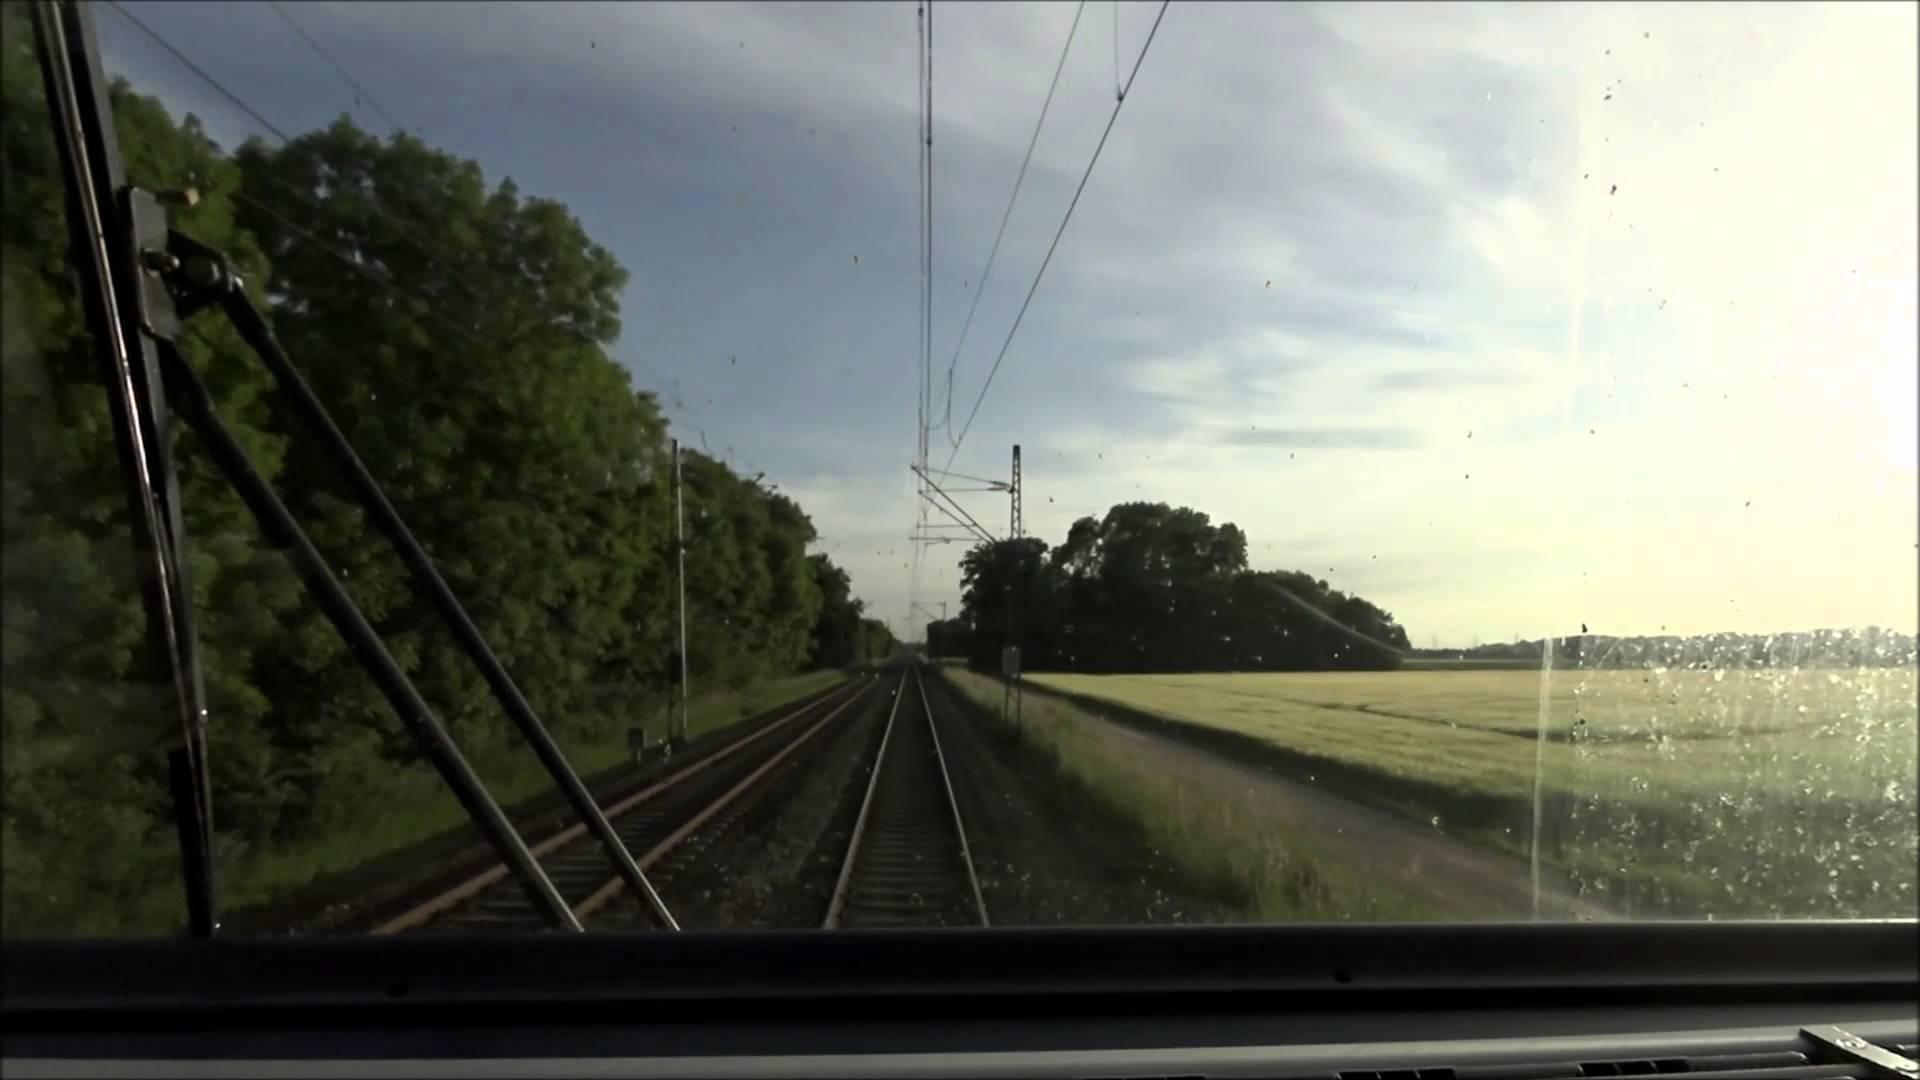 Rundgang/ Führerstandsmitfahrt BR440 Landshut-München am 06.06.2014